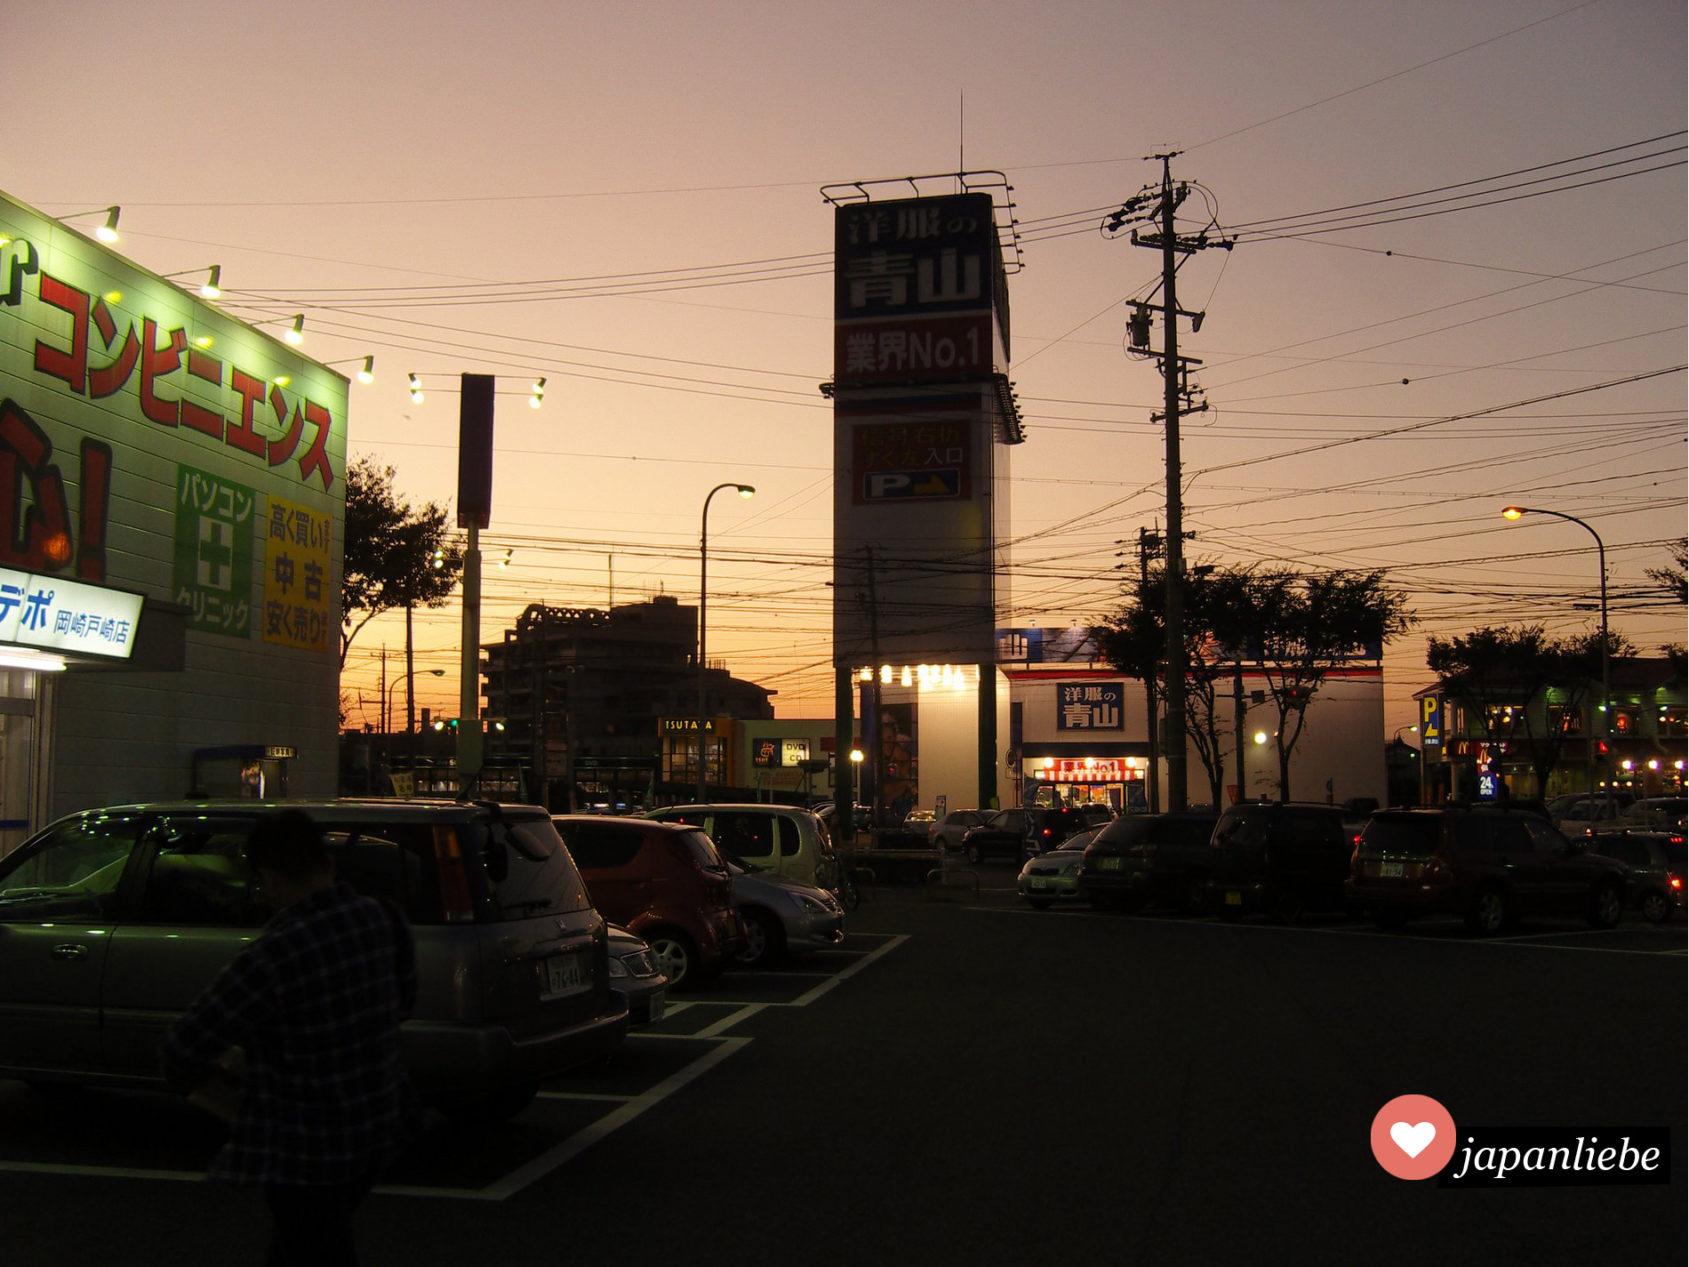 Abenddämmerung in der Stadt Okazaki.